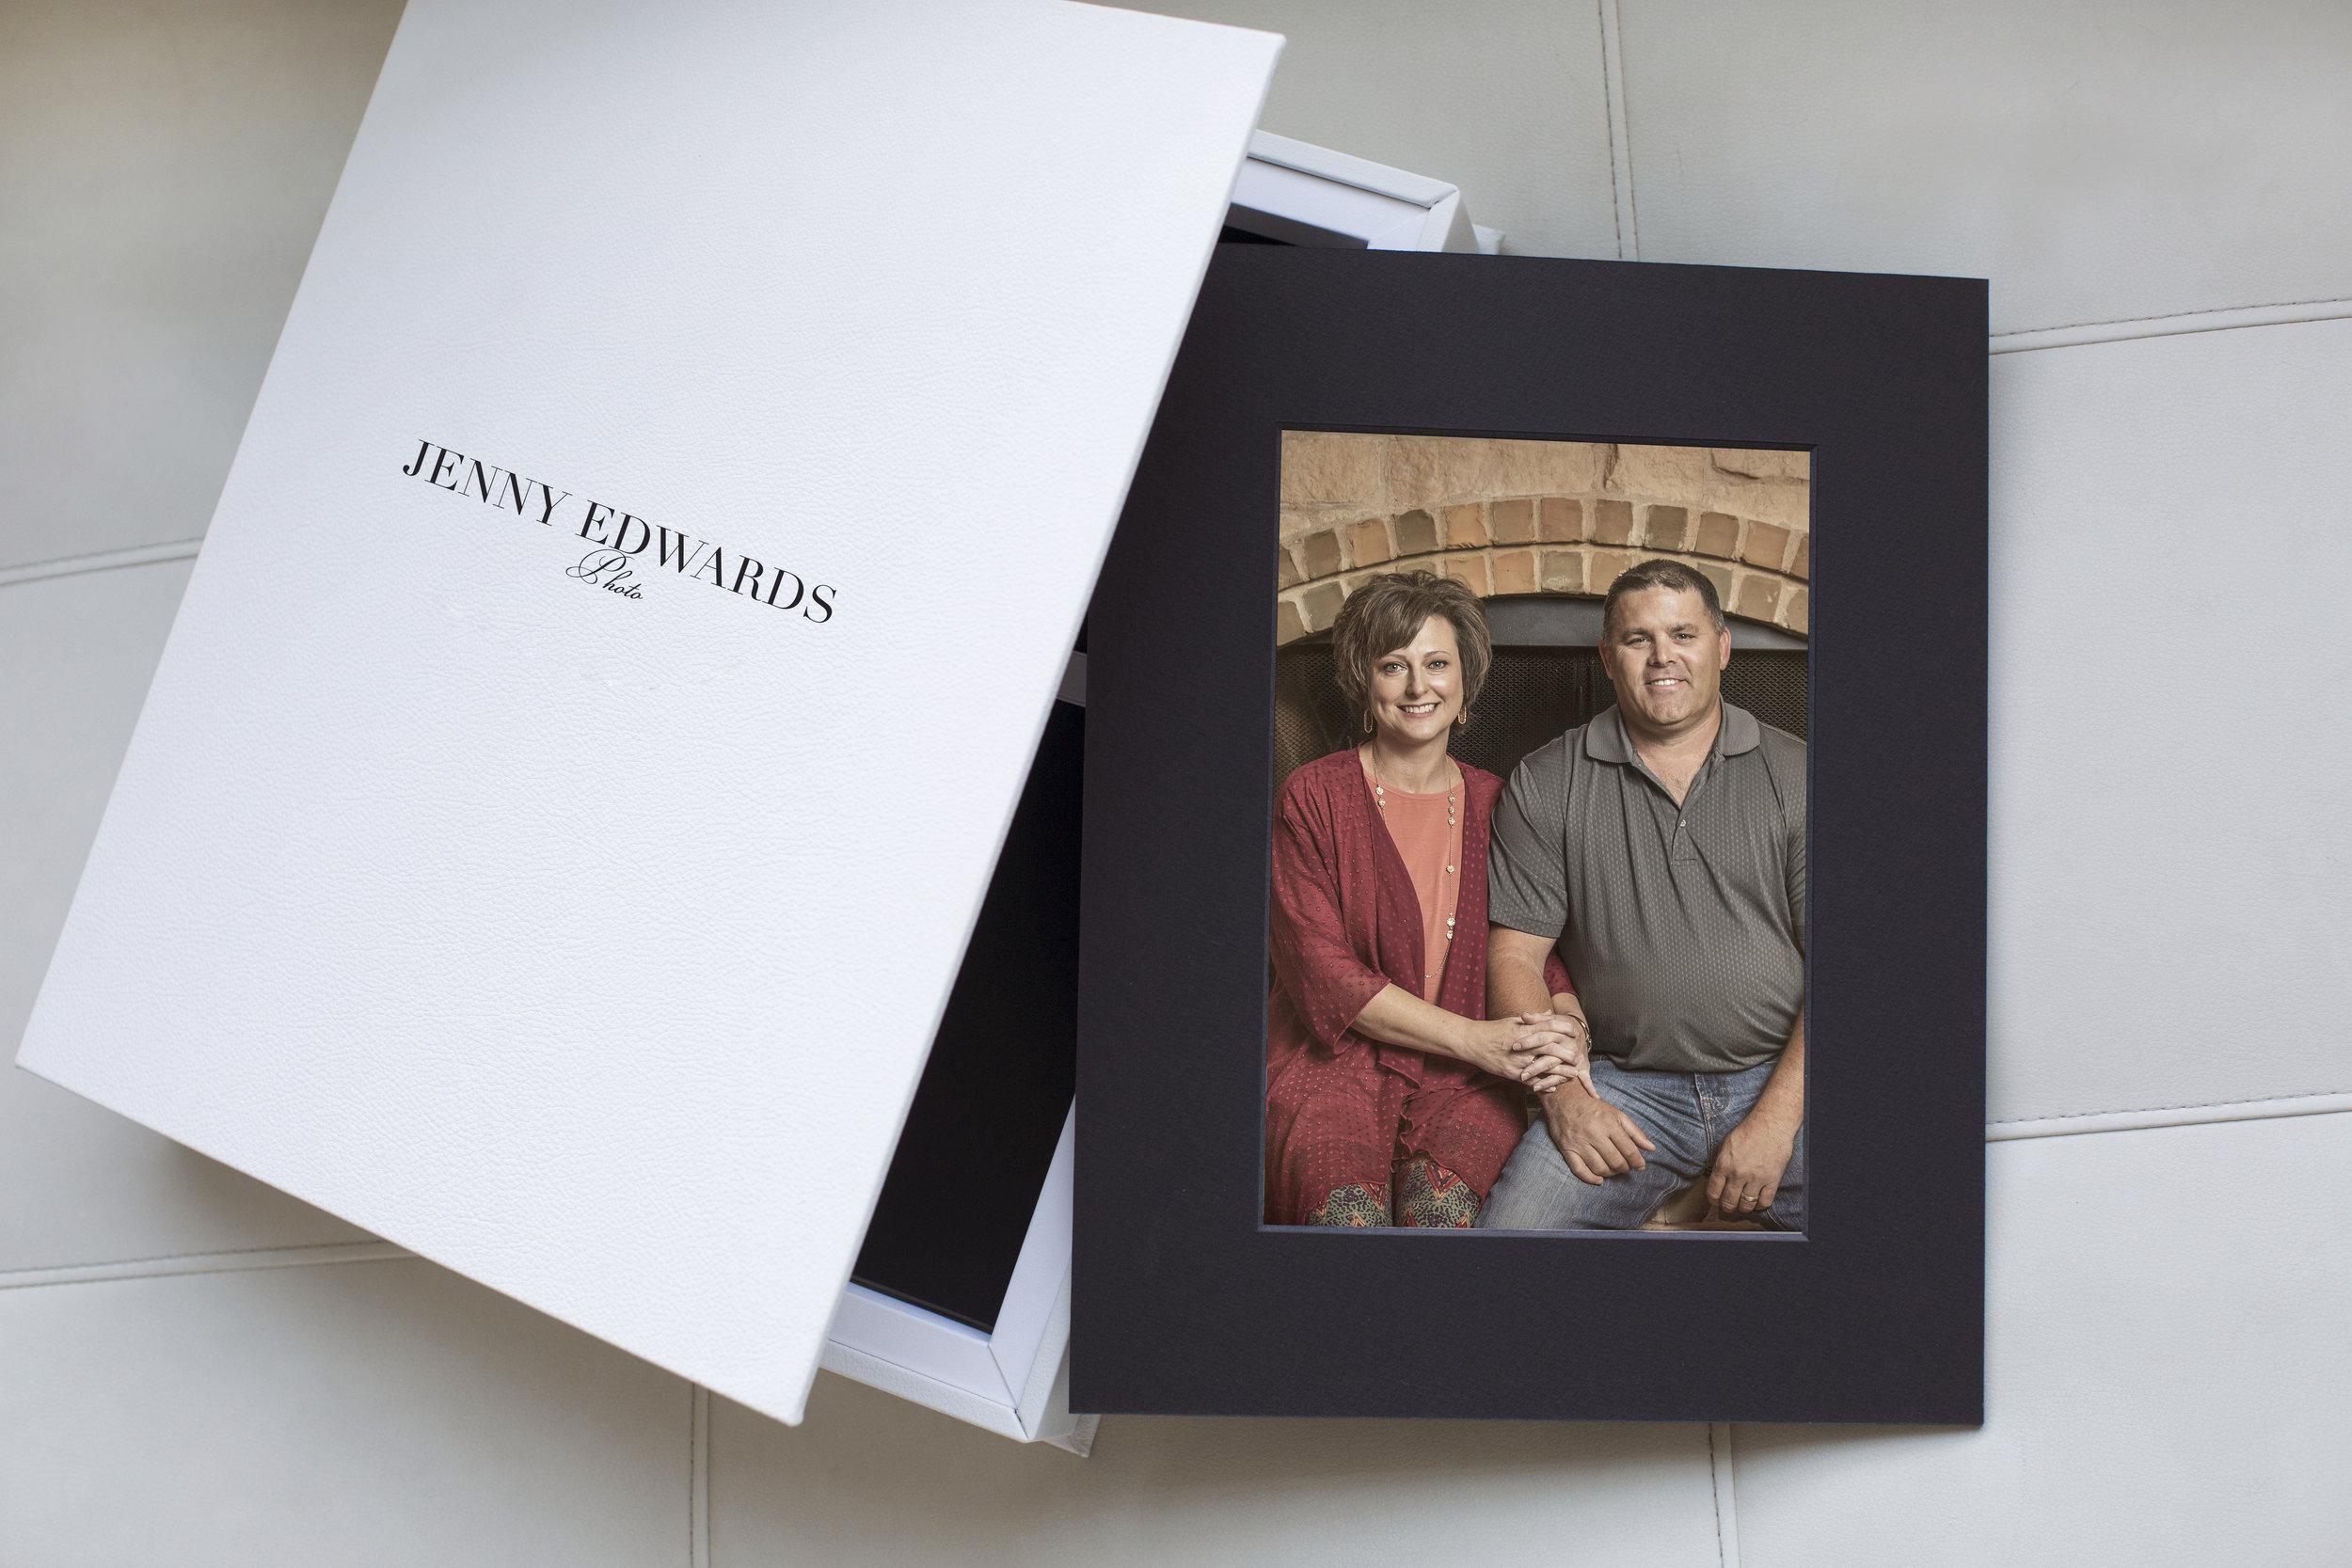 fabulous italian leather covers this portfolio box holding photos from amarillo photography studio jenny edwards photo